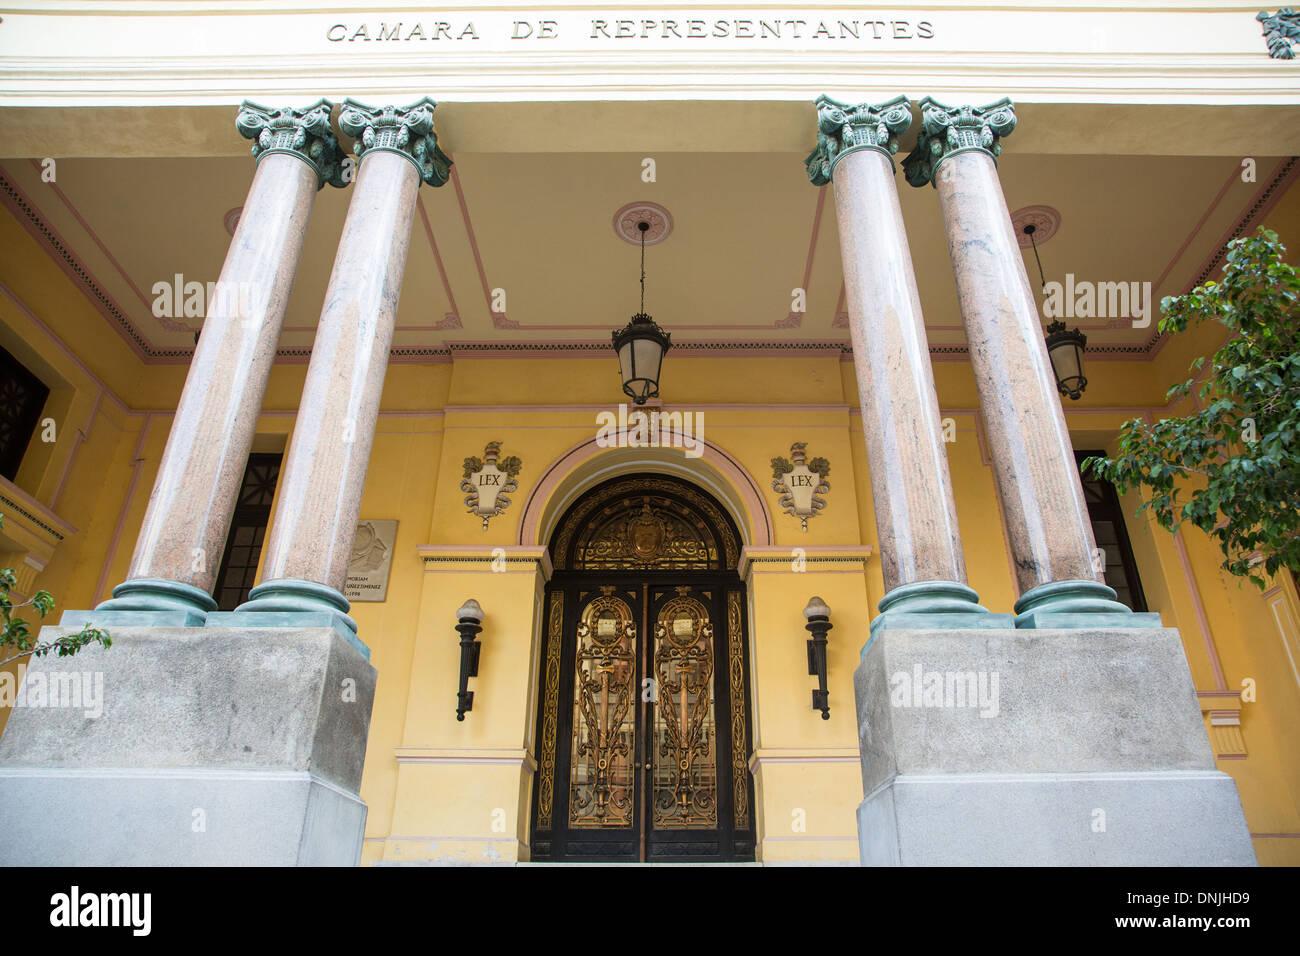 CAMARA DE REPRESENTANTES (CHAMBRE DES REPRÉSENTANTS), Calle de los Oficios, LA HAVANE, CUBA, LES CARAÏBES Banque D'Images